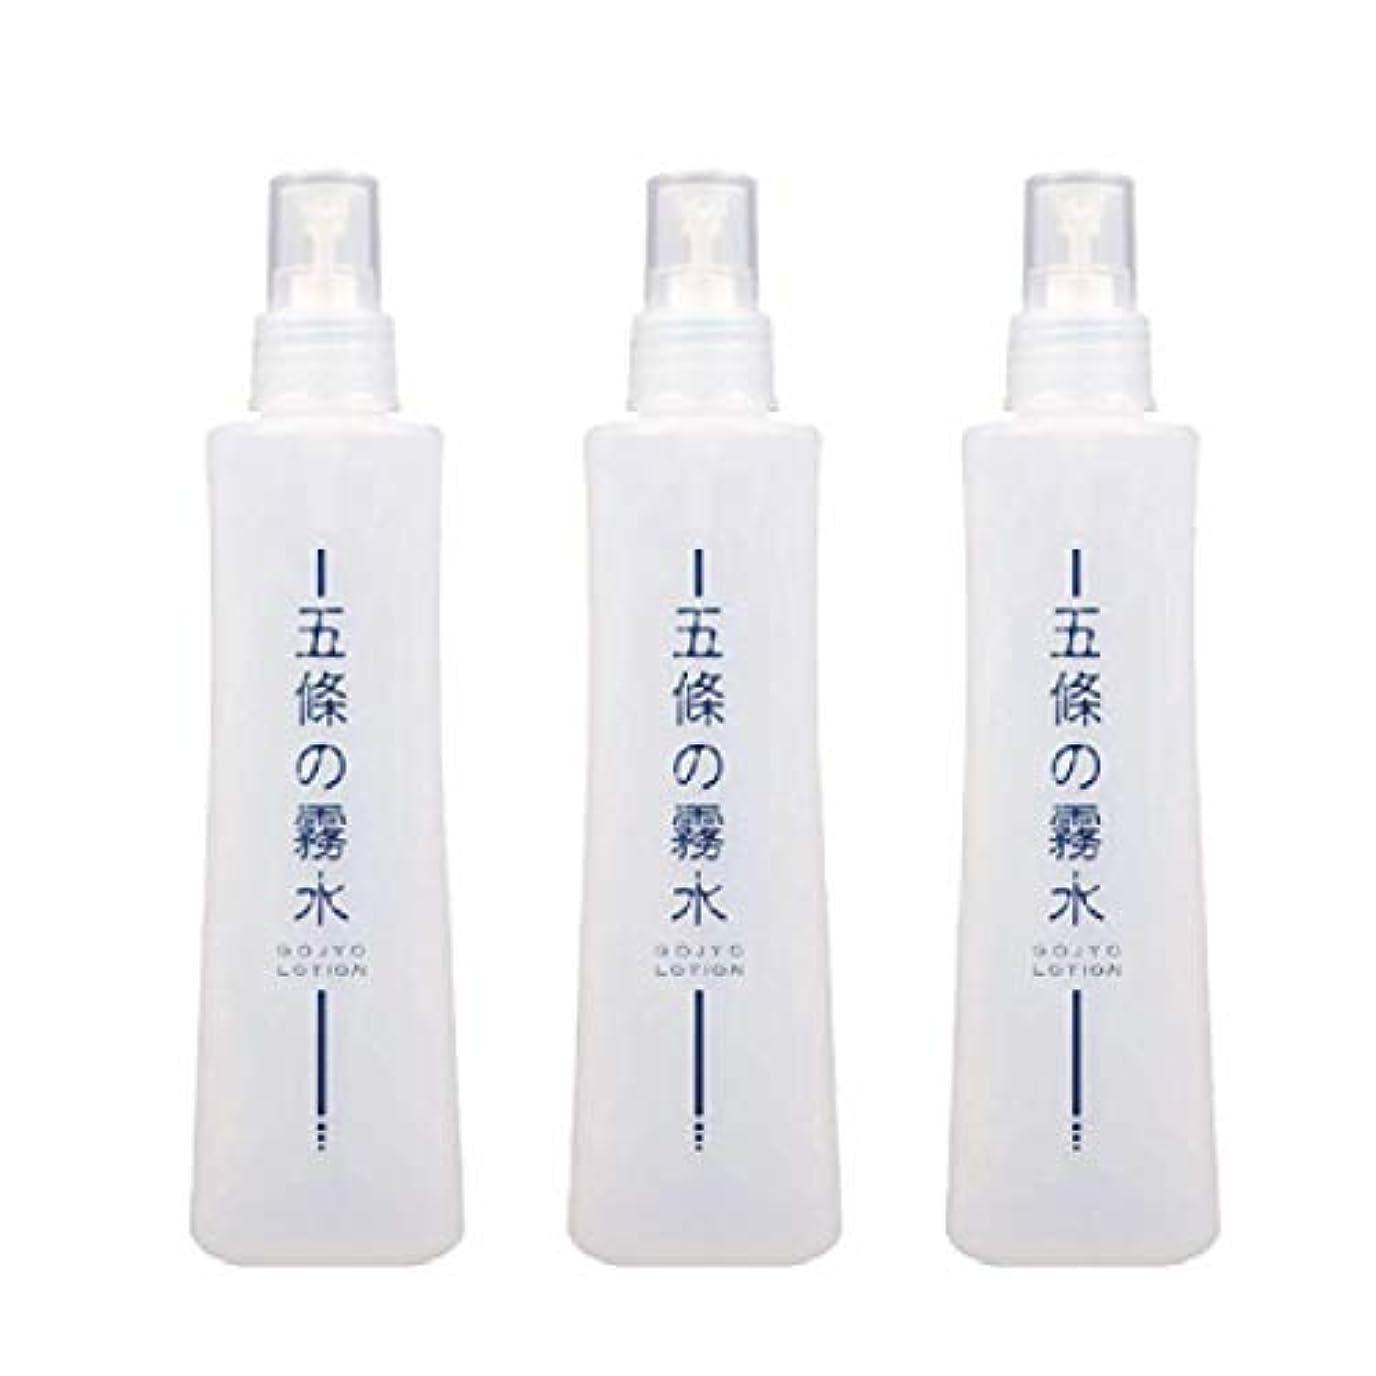 分配しますイースター肺炎五條の霧水ベーシック(3本セット) +アレッポの石鹸1個プレゼント 無添加保湿化粧水